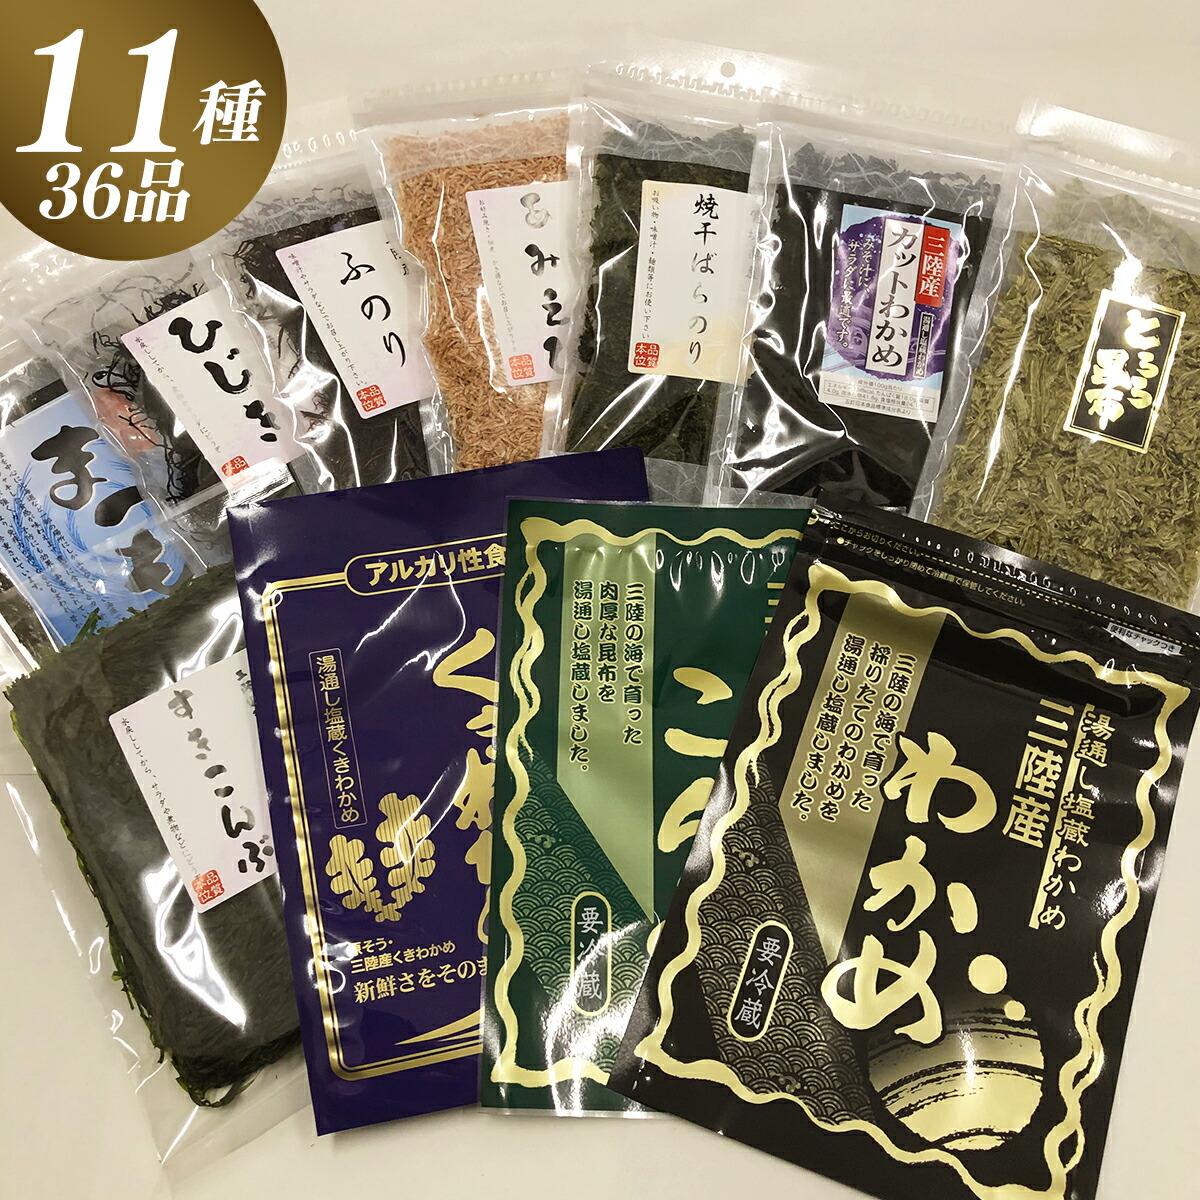 【ふるさと納税】三陸産わかめと海藻乾物11種36品セット